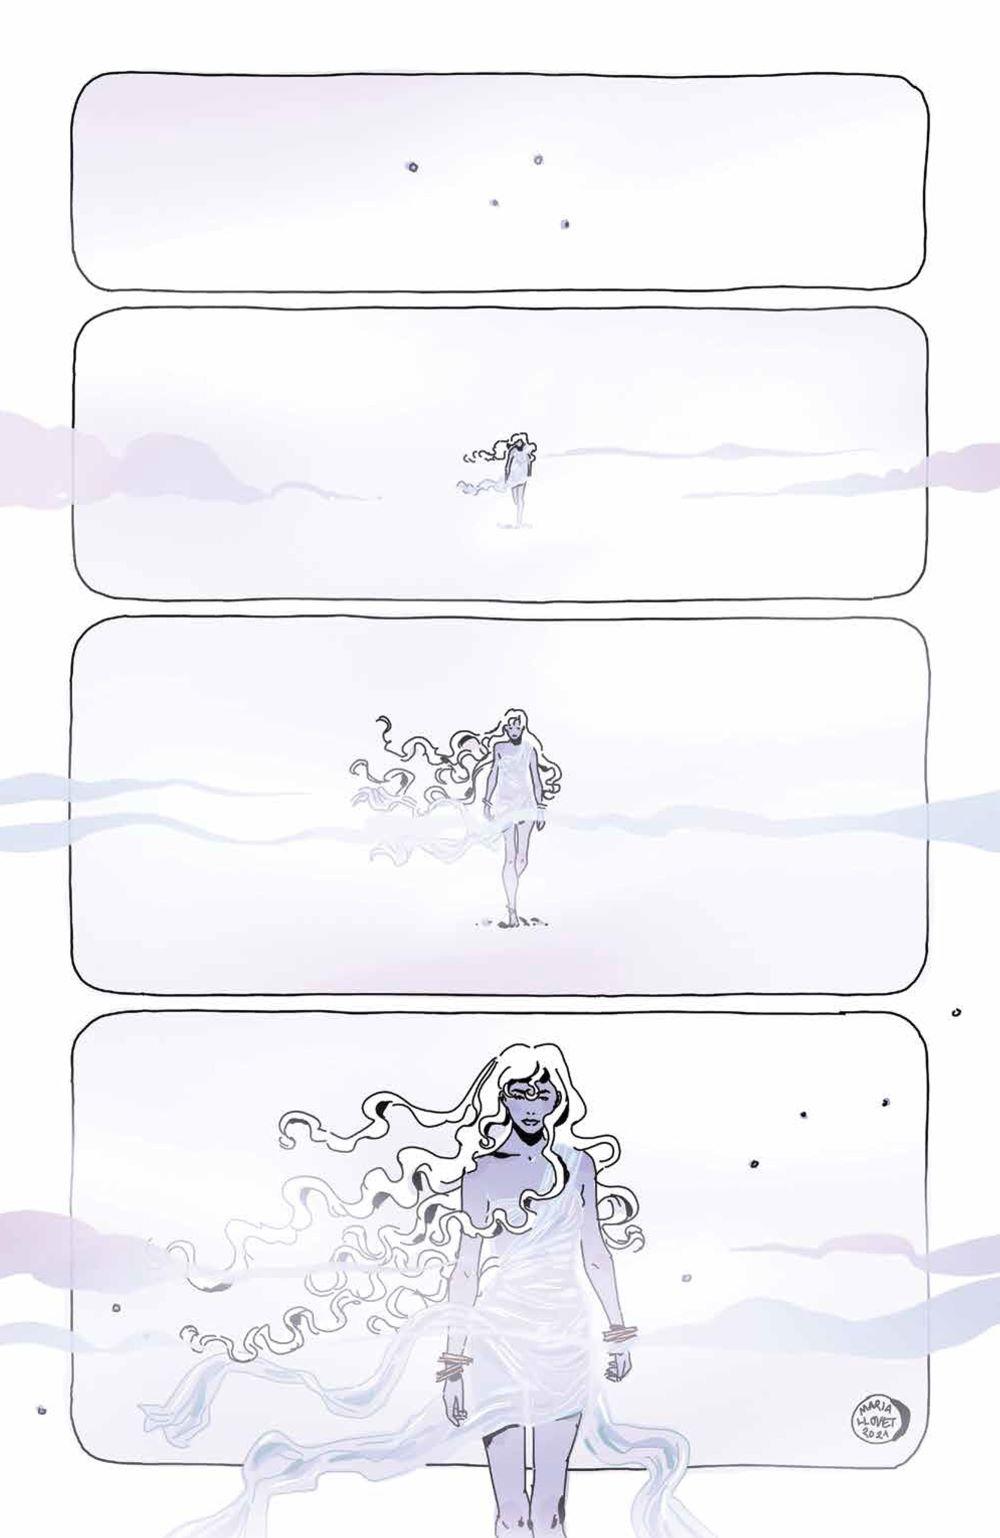 Luna_004_PRESS_3 ComicList Previews: LUNA #4 (OF 5)